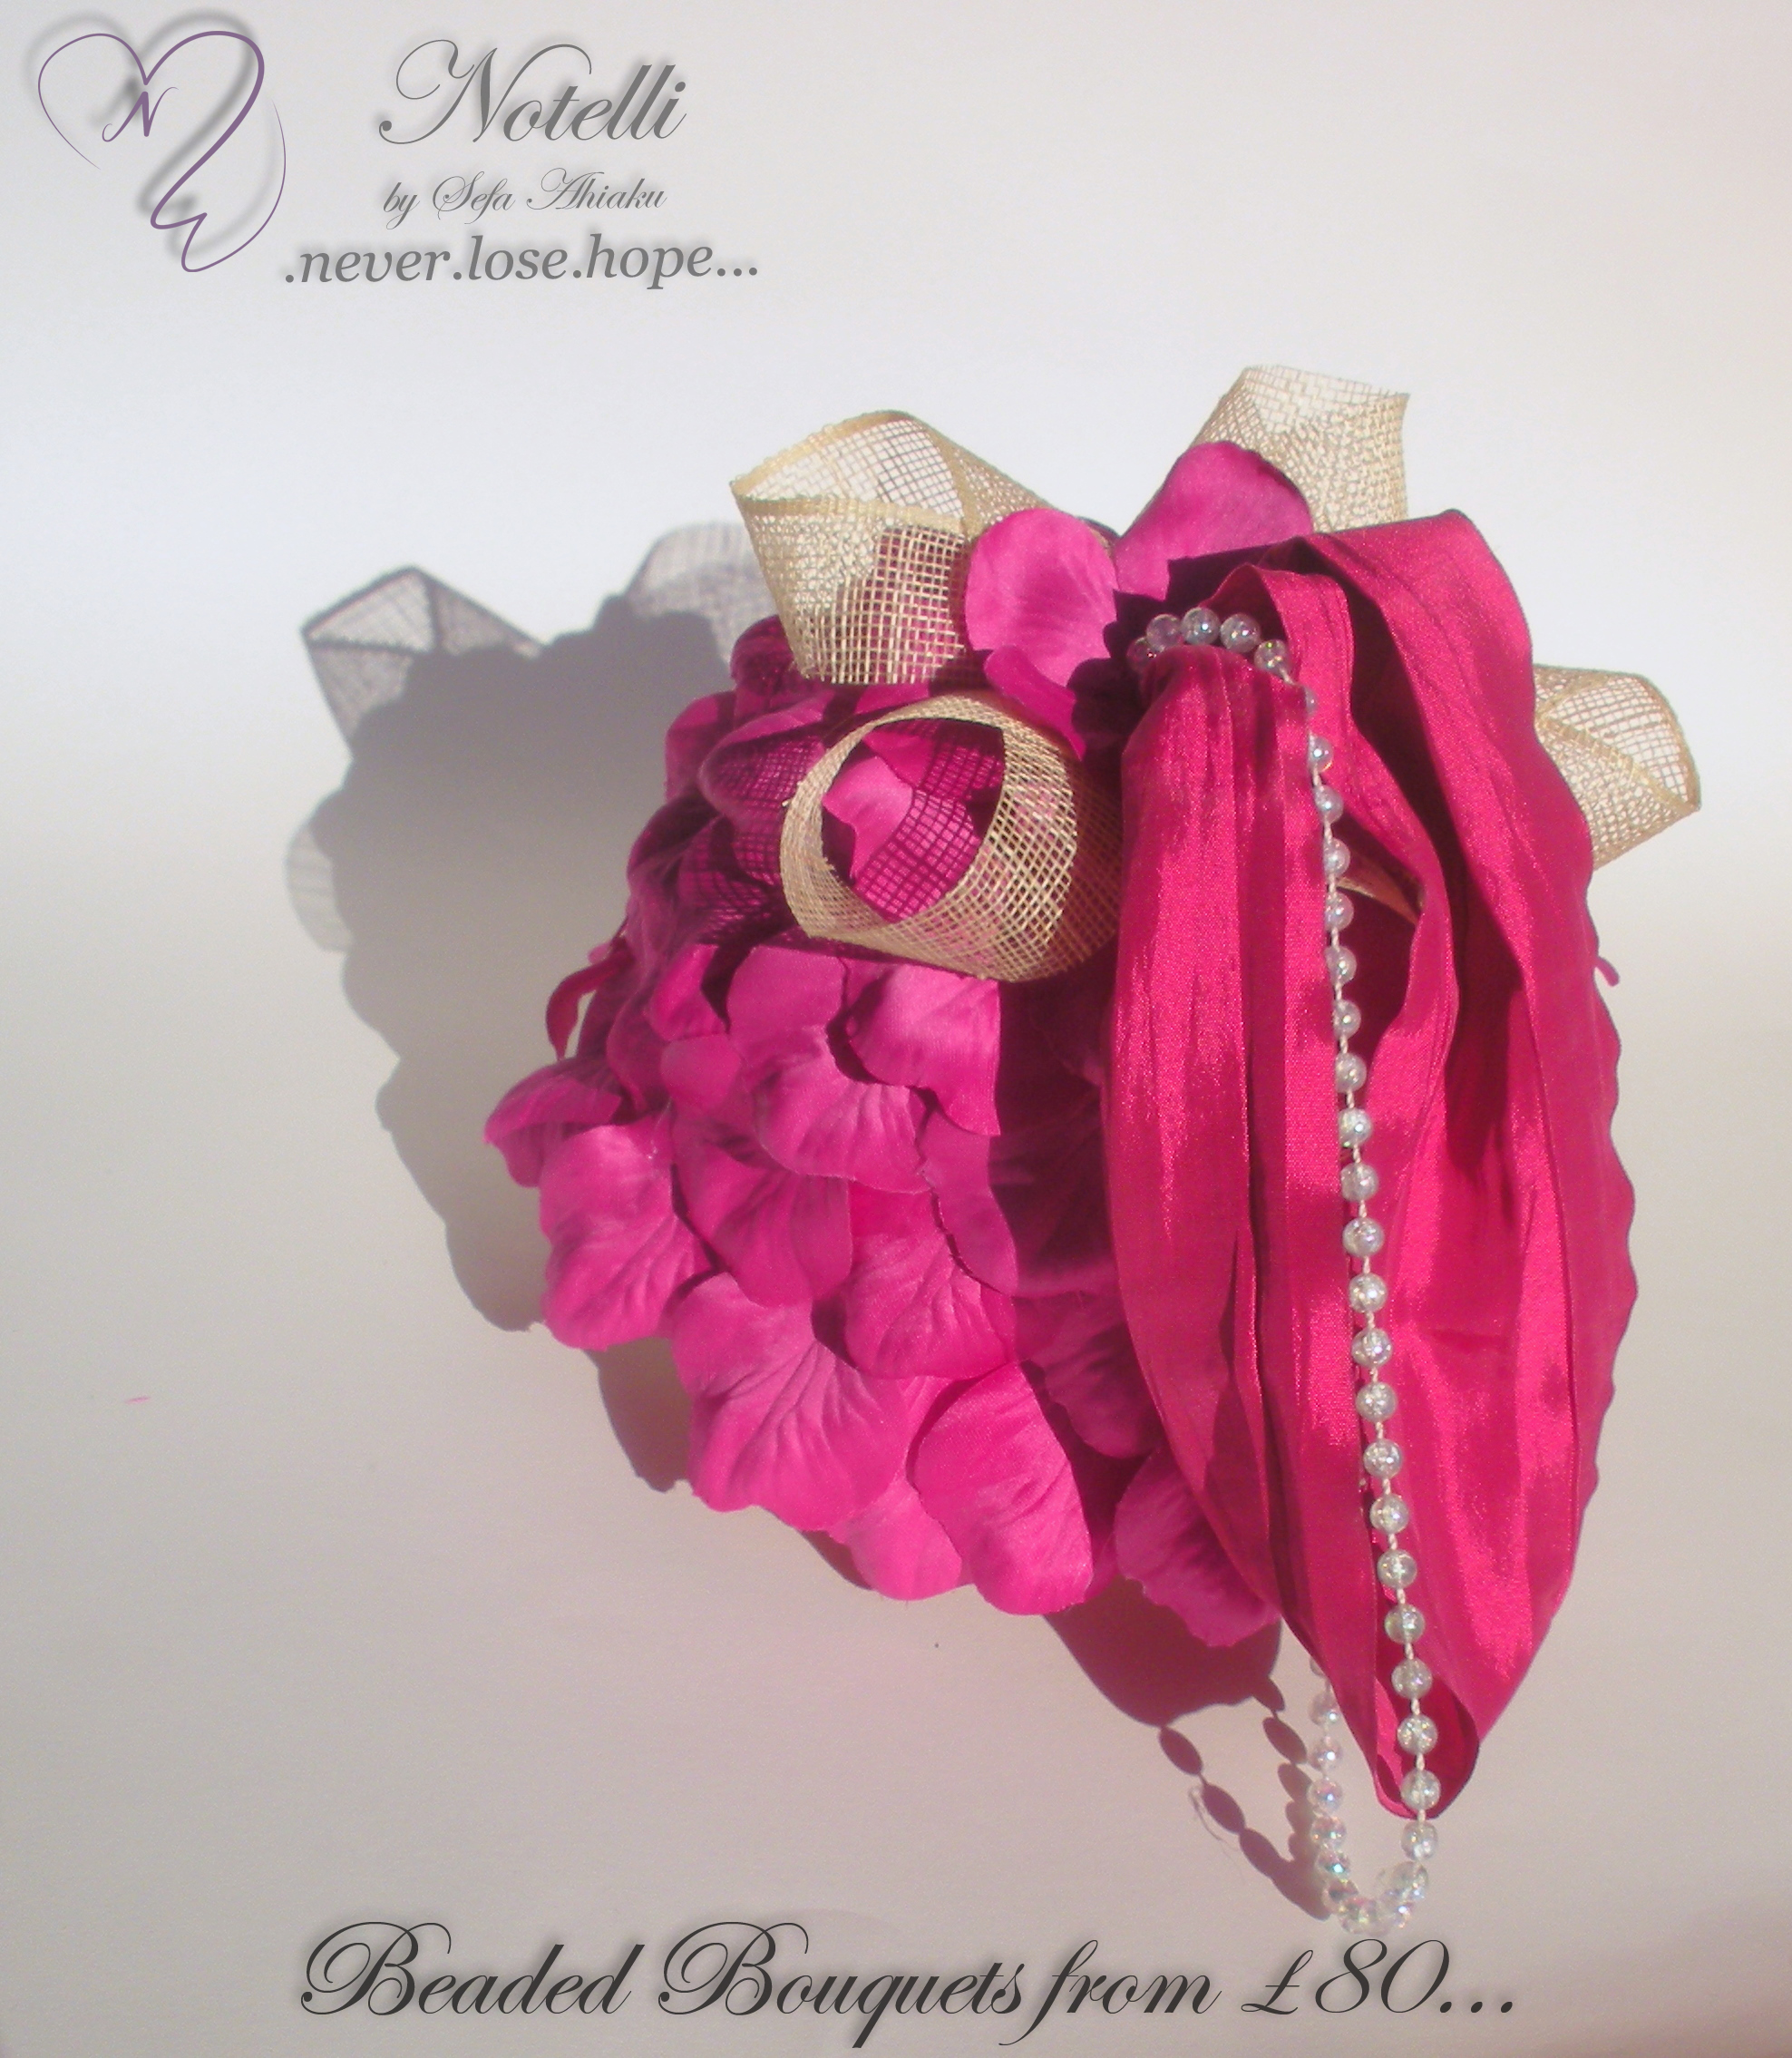 notelli ad bouquet.jpg